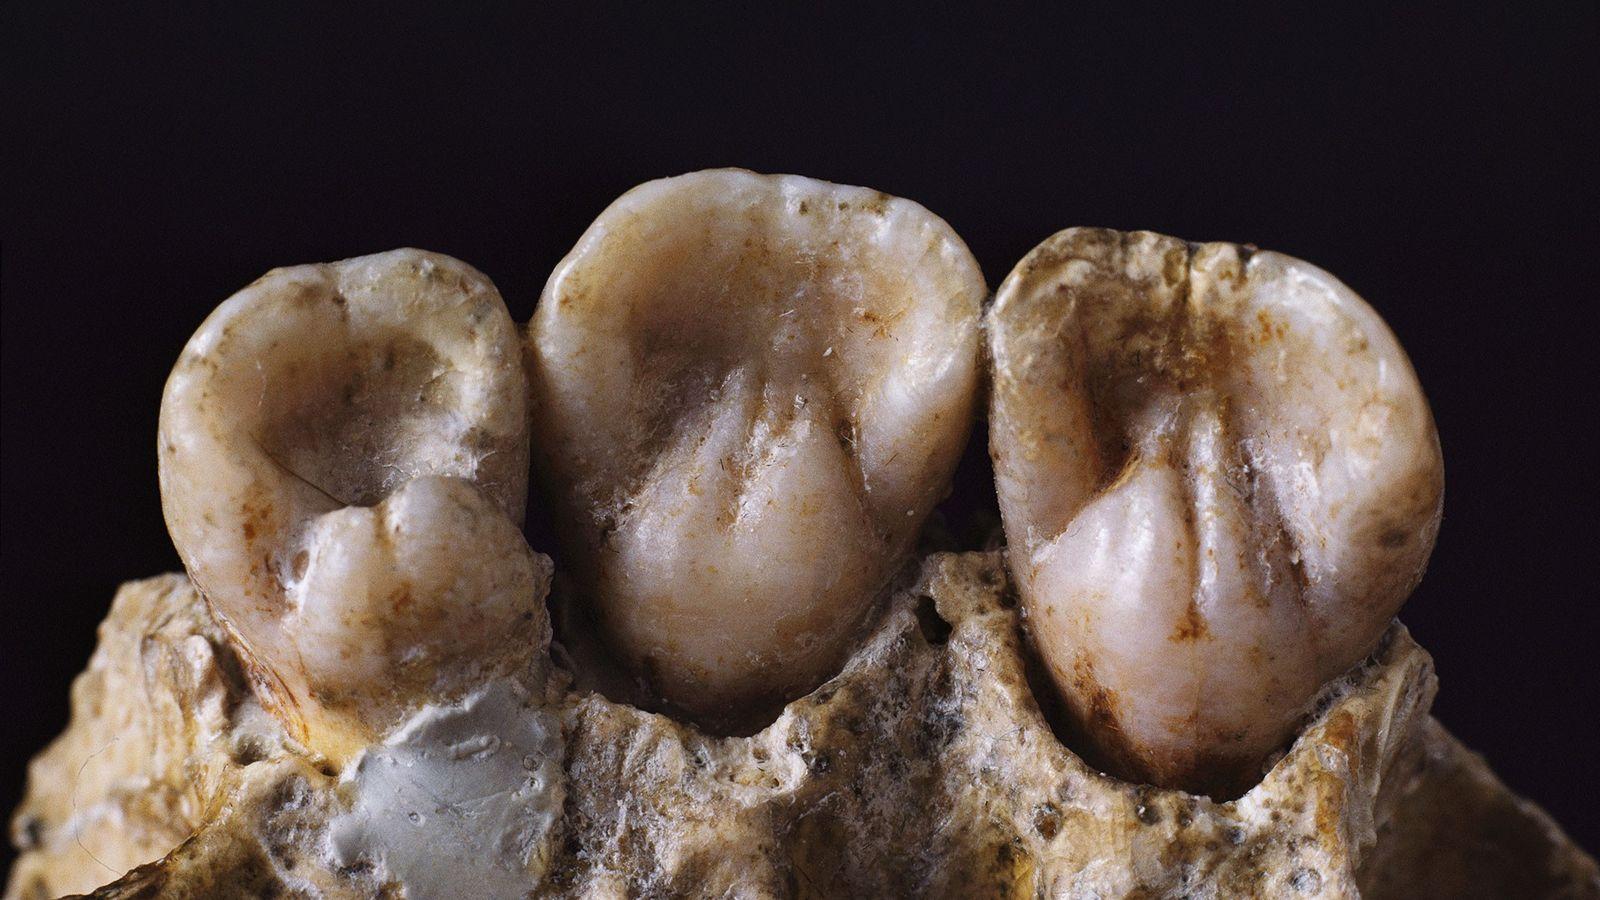 Semelhante aos dentes analisados no novo estudo, esses dentes podem conter seus próprios segredos sobre a ...